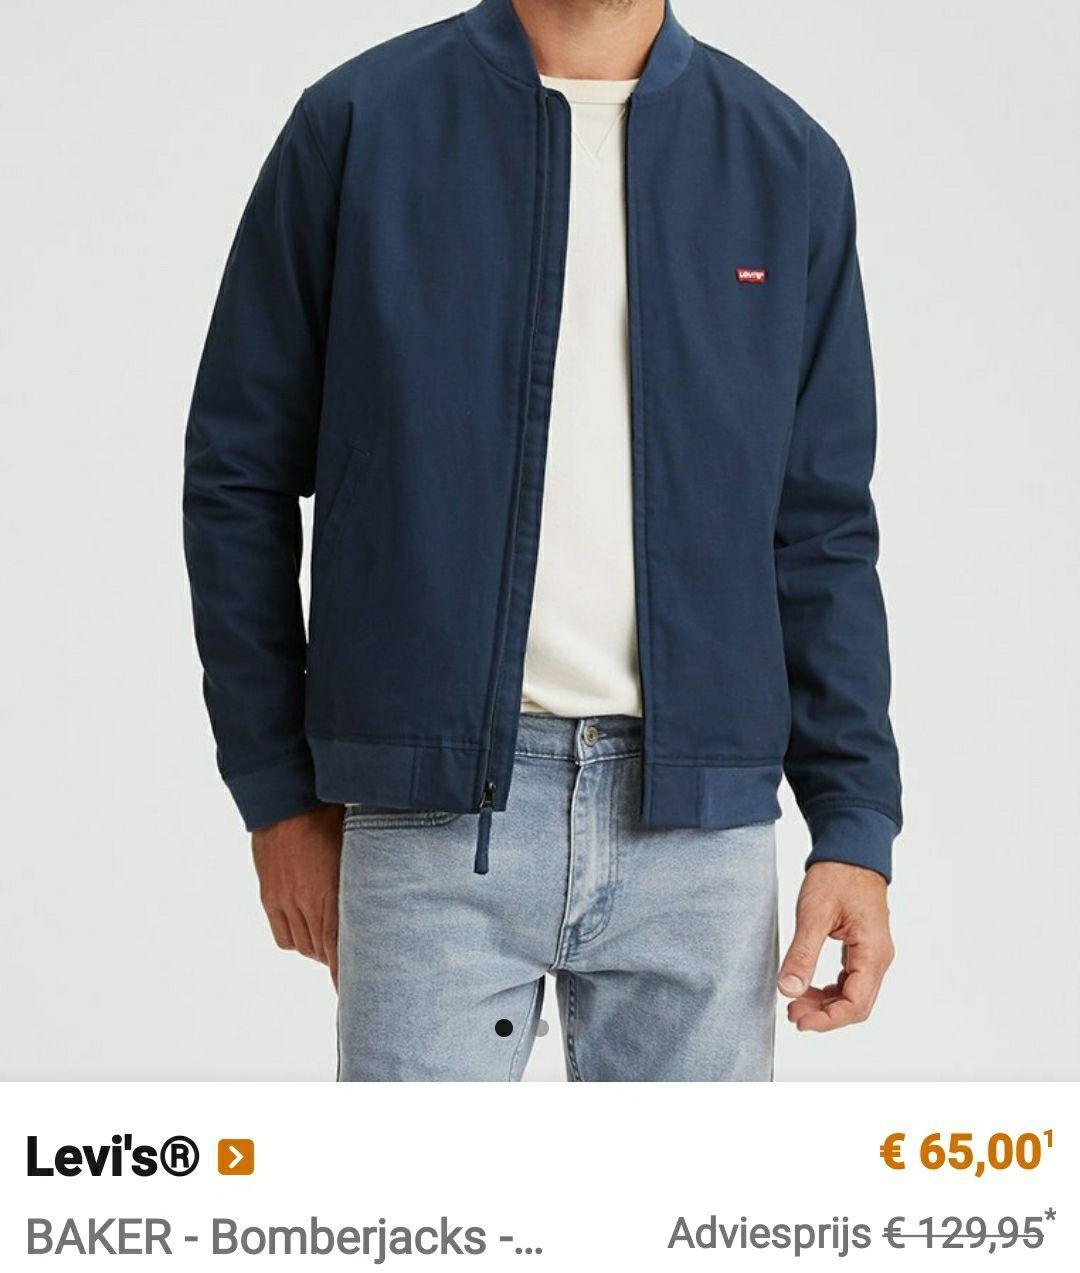 Hoge korting op Levi's kleding voor mannen/vrouwen en kids. + De originele 501